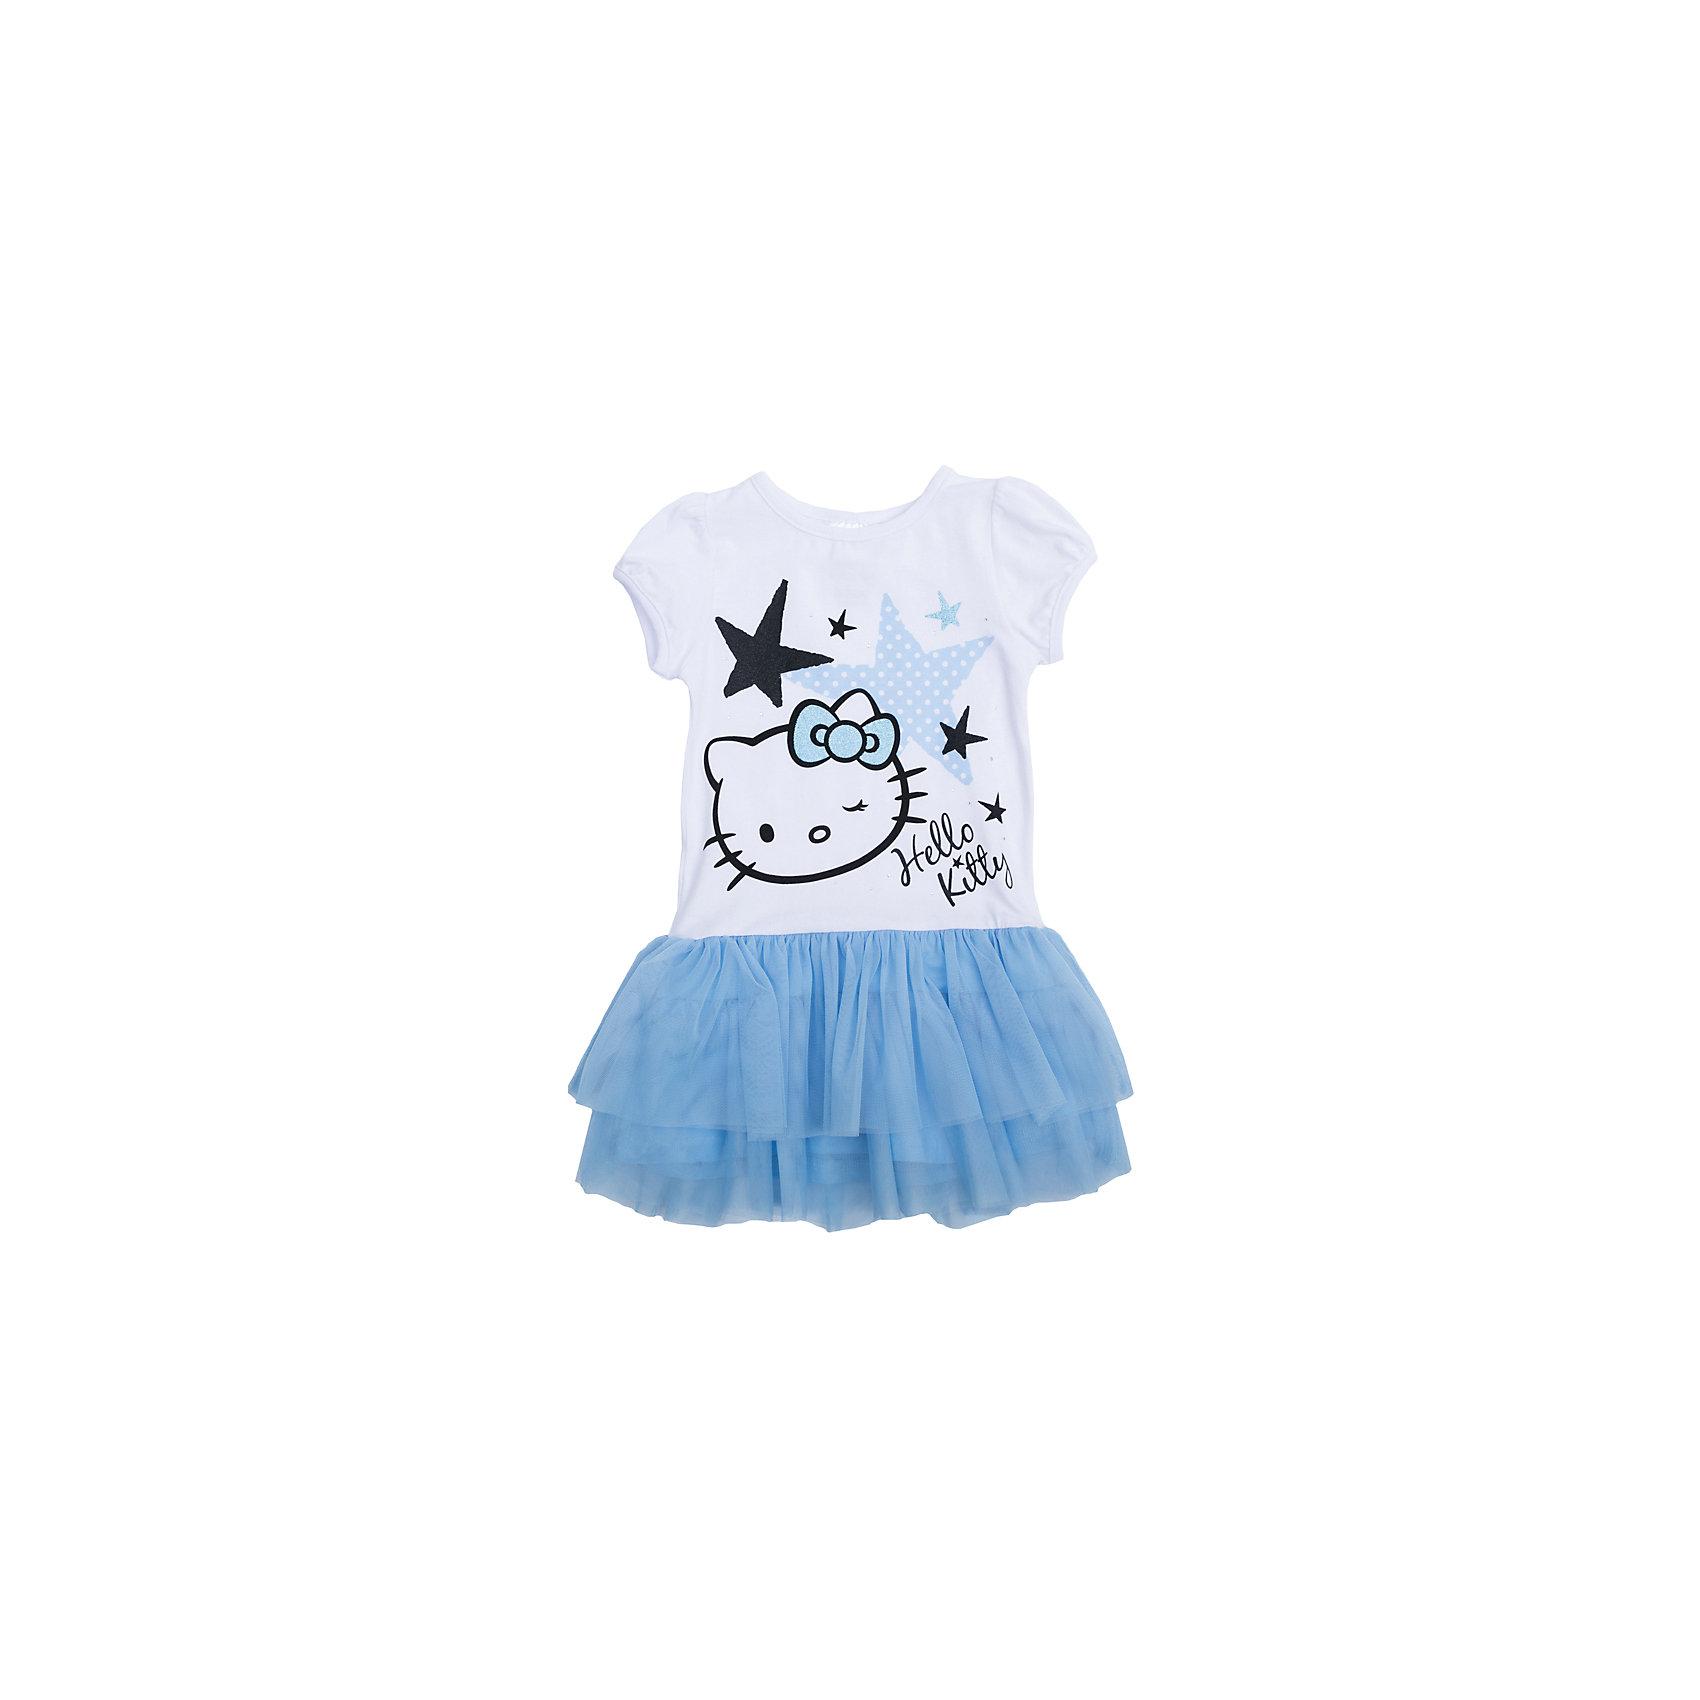 Платье для девочки PlayTodayПлатье для девочки от известного бренда PlayToday.<br>Хлопковое платье с пышной юбкой.<br><br>Удобная конструкция дополнена нарядным декором: лицензионным принтом «Hello Kitty», блестящим глиттером и серебристыми стразами. Застегивается на кнопки на плече, чтобы его удобно было надевать. Рукава-фонарики на мягкой резинке.<br>Состав:<br>Верх - 95% хлопок, 5% эластан; Отделка - 100% полиэстер<br><br>Ширина мм: 236<br>Глубина мм: 16<br>Высота мм: 184<br>Вес г: 177<br>Цвет: белый<br>Возраст от месяцев: 36<br>Возраст до месяцев: 48<br>Пол: Женский<br>Возраст: Детский<br>Размер: 104,122,98,116,110,128<br>SKU: 5113855